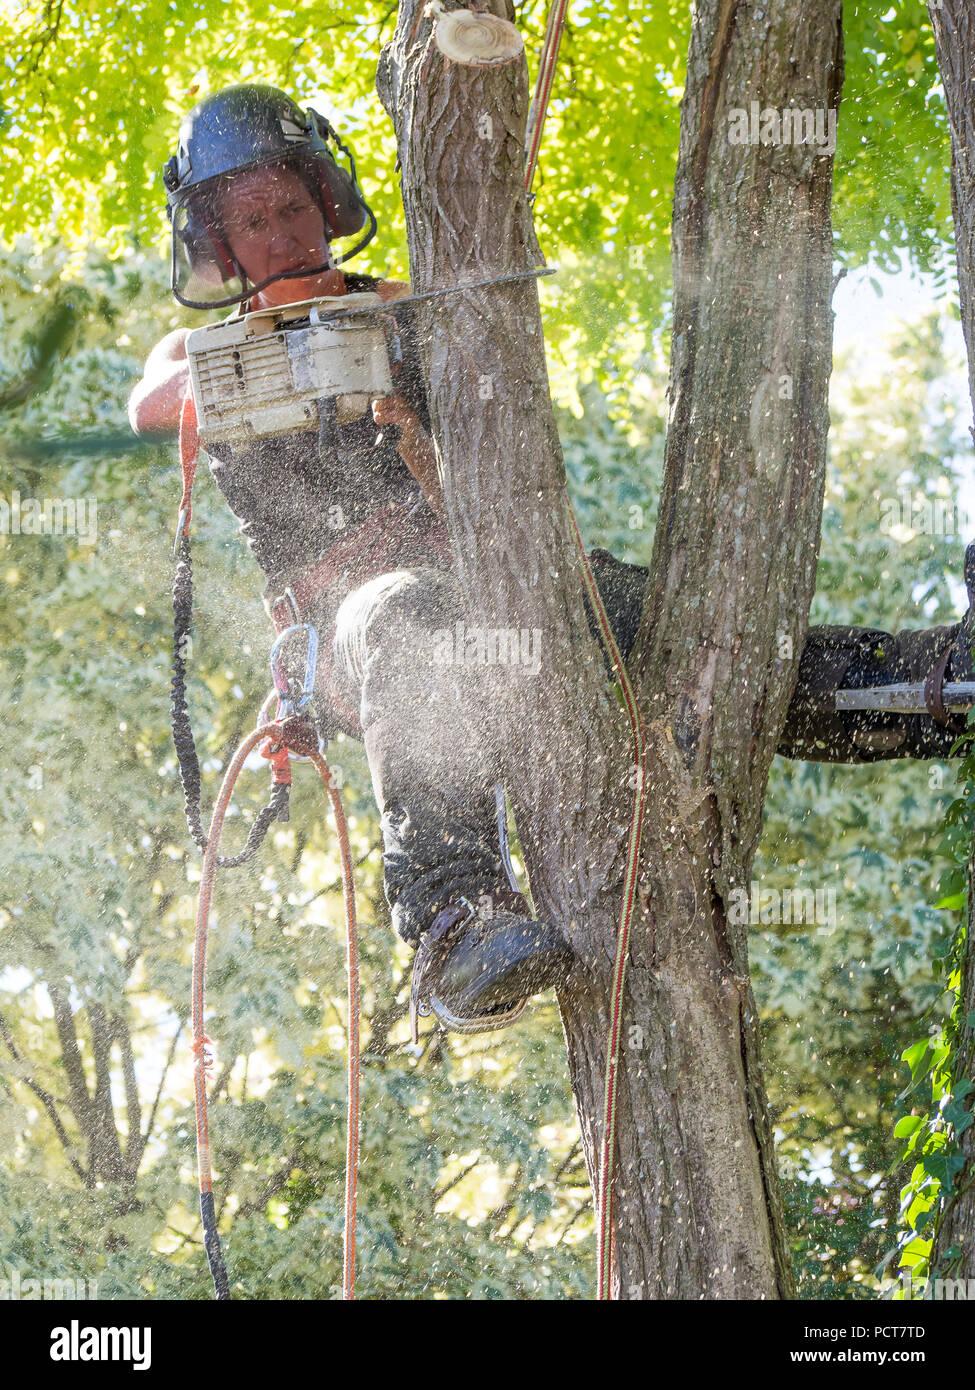 Arborist femenino con una motosierra hasta un árbol está recubierta con aserrín Imagen De Stock